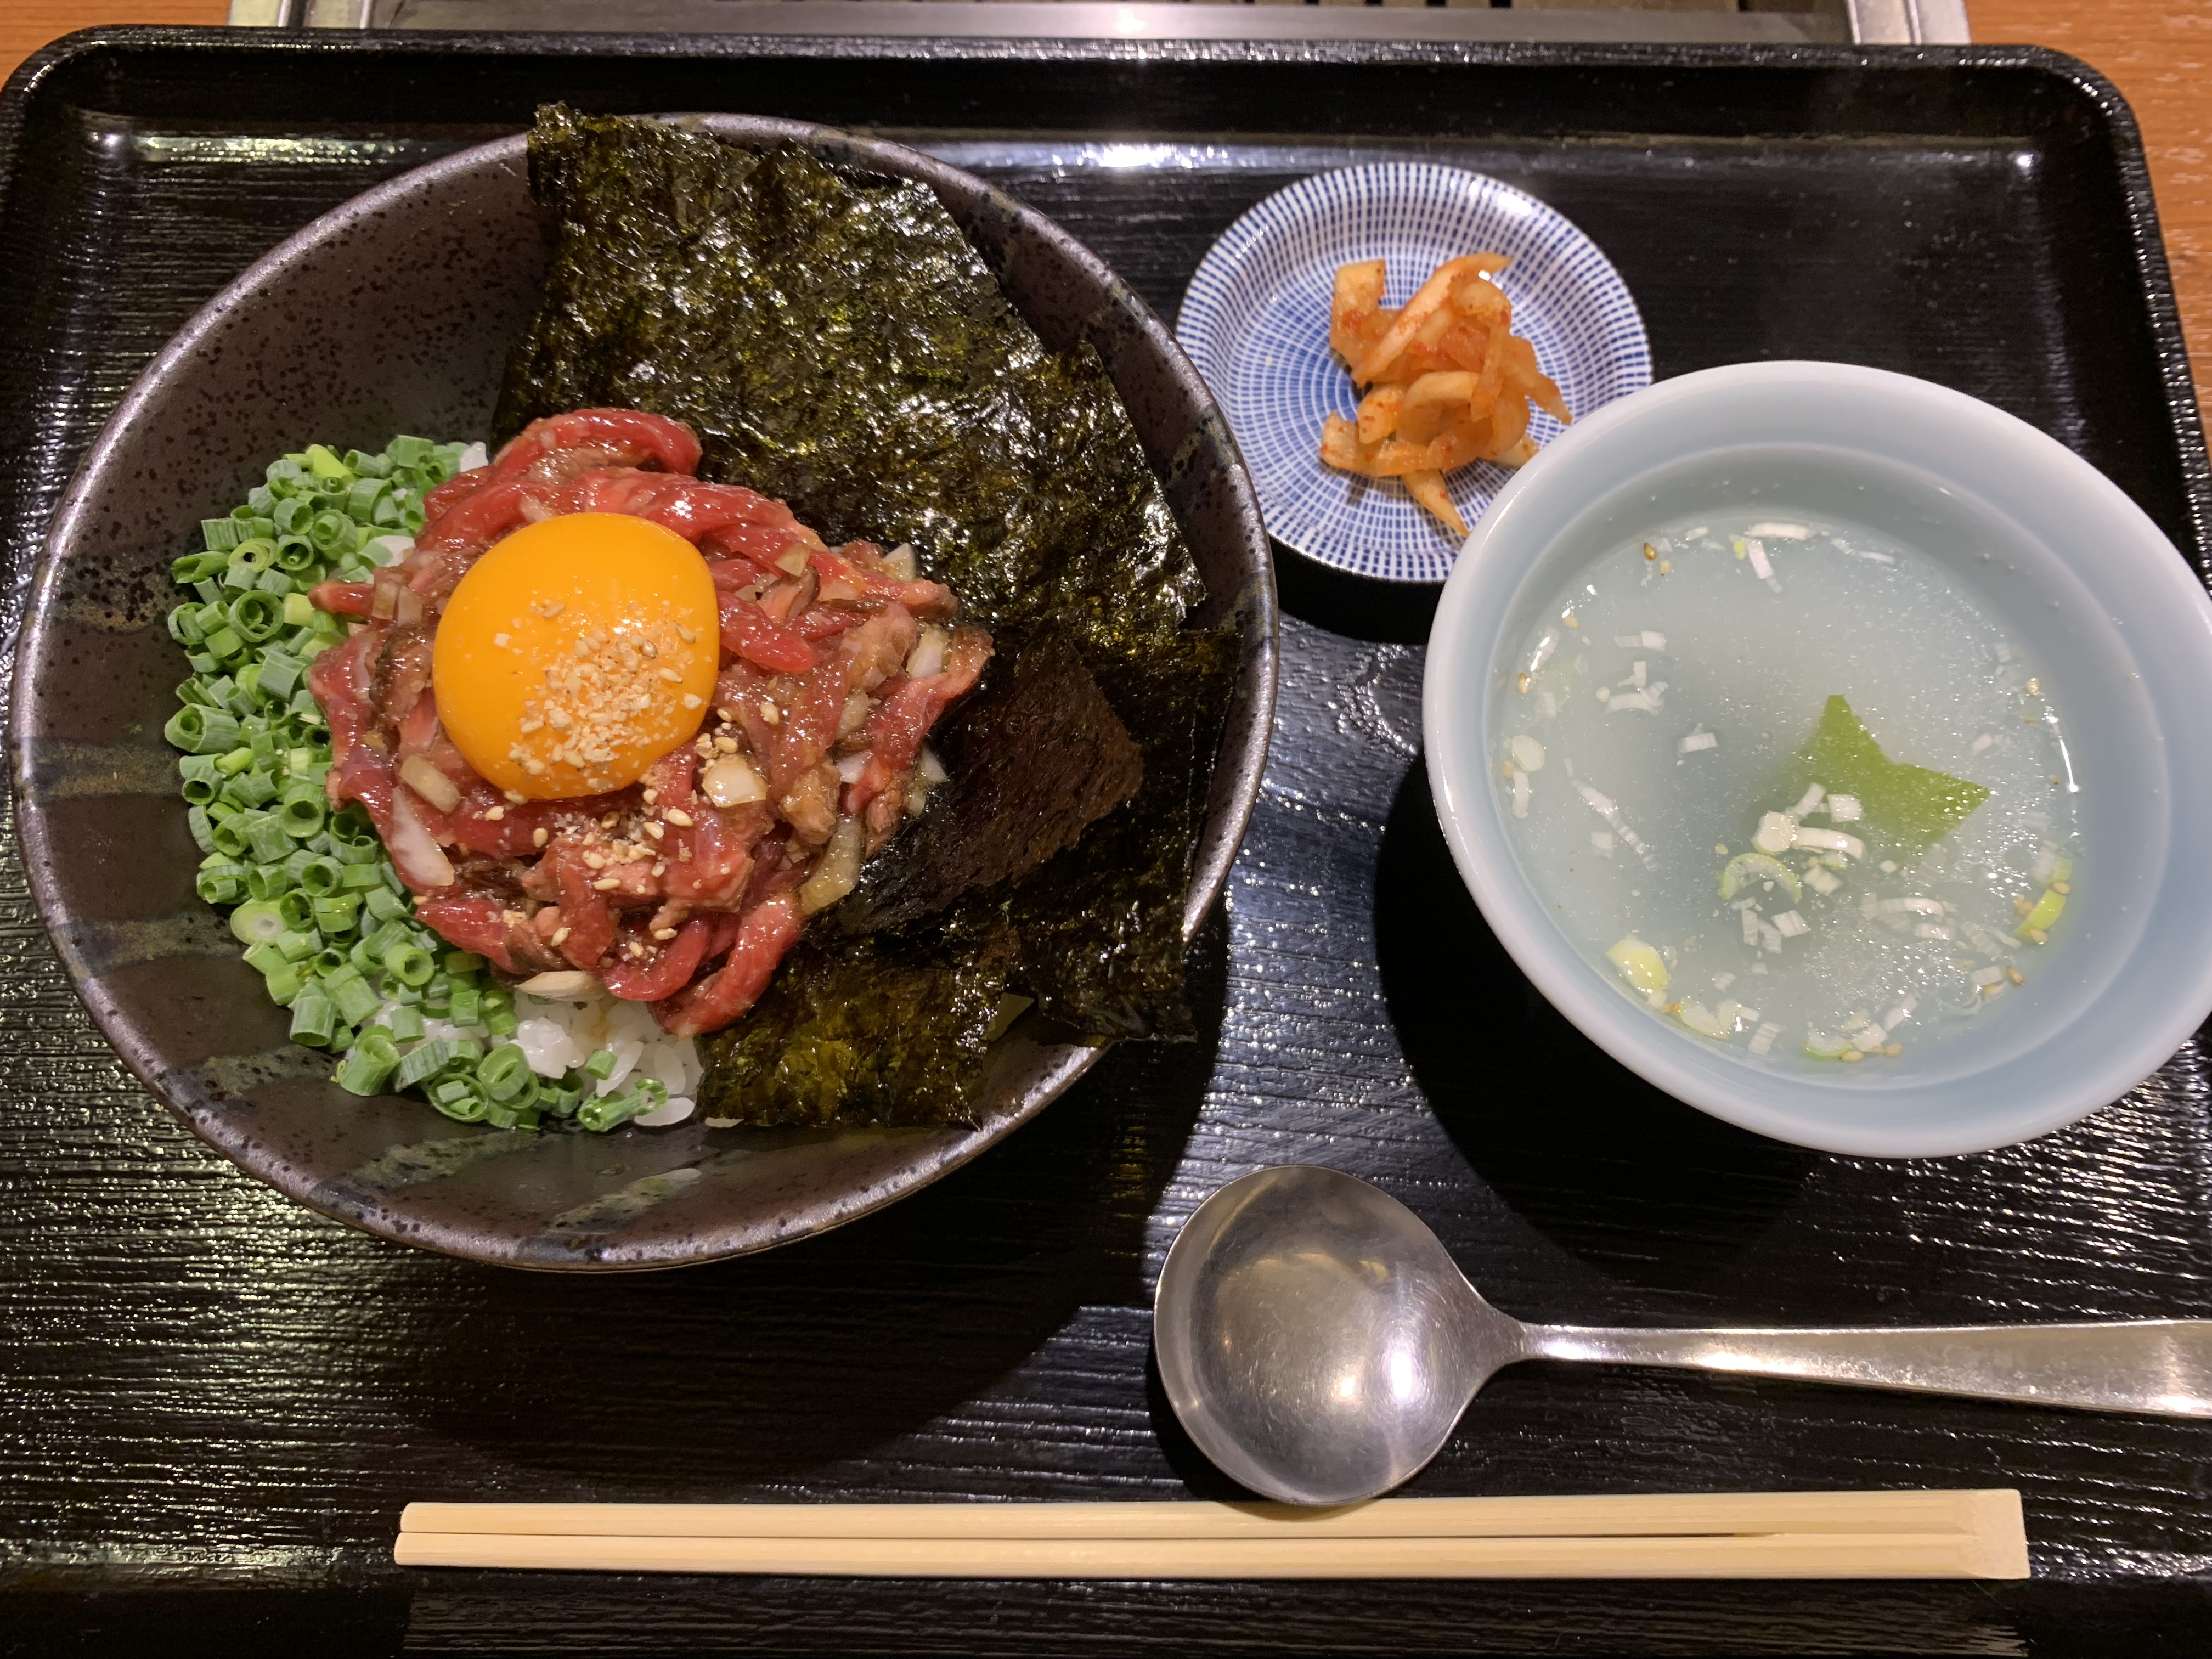 至福のランチ ローストビーフ丼 @ KAZU(神楽坂 / 東京)